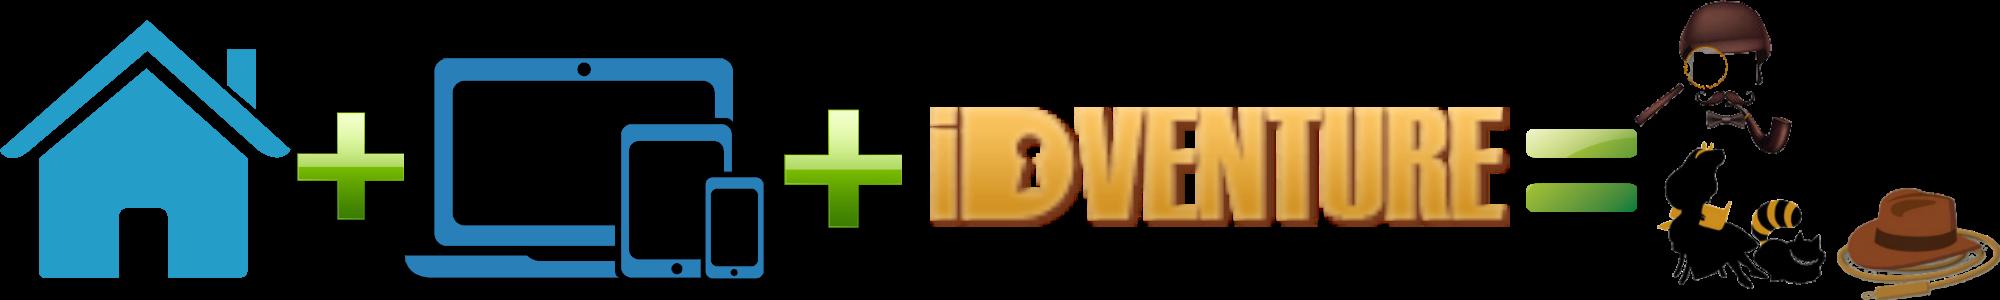 idventure-konzept-kindergeburtstag-schnitzeljagd-partyspiele-kinderspiele-geburtstagsspiele